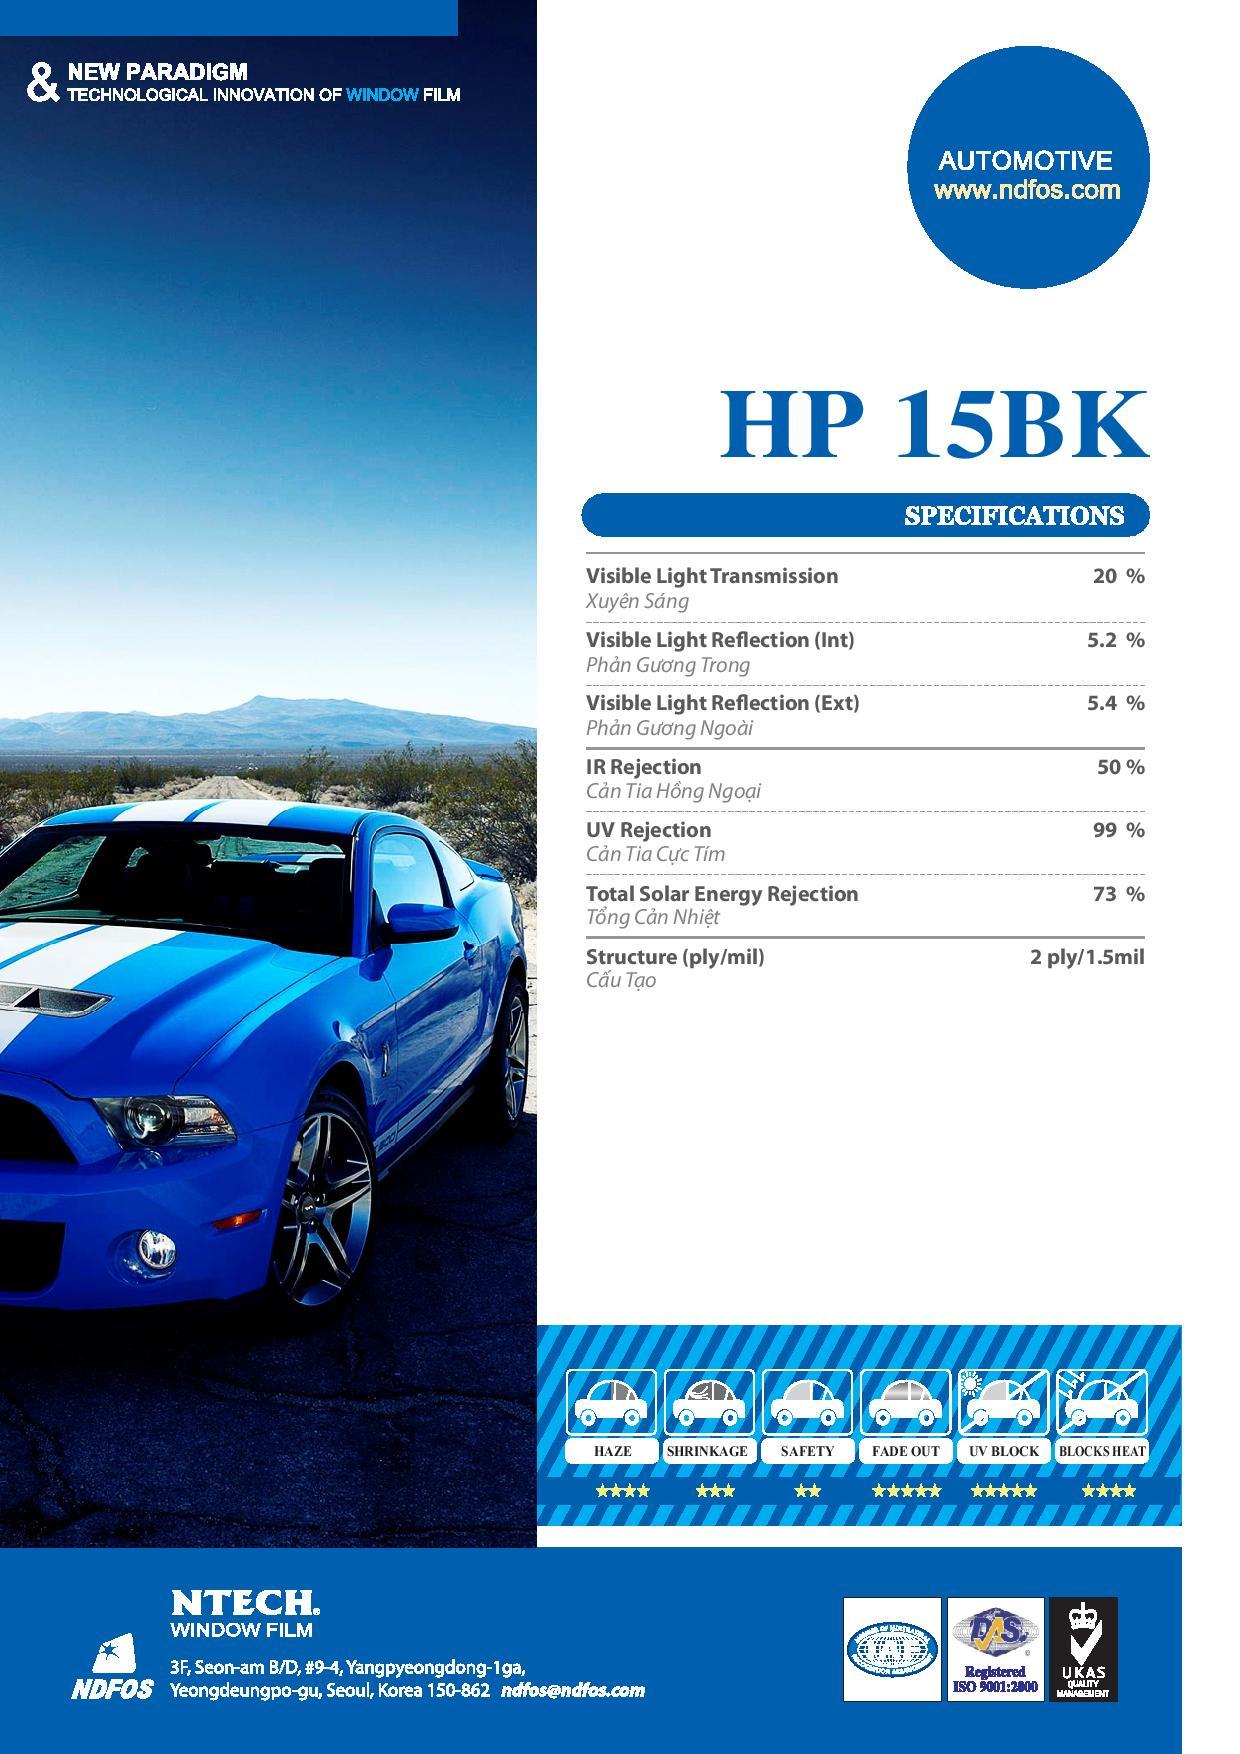 Mã phim PHP 15 Bk